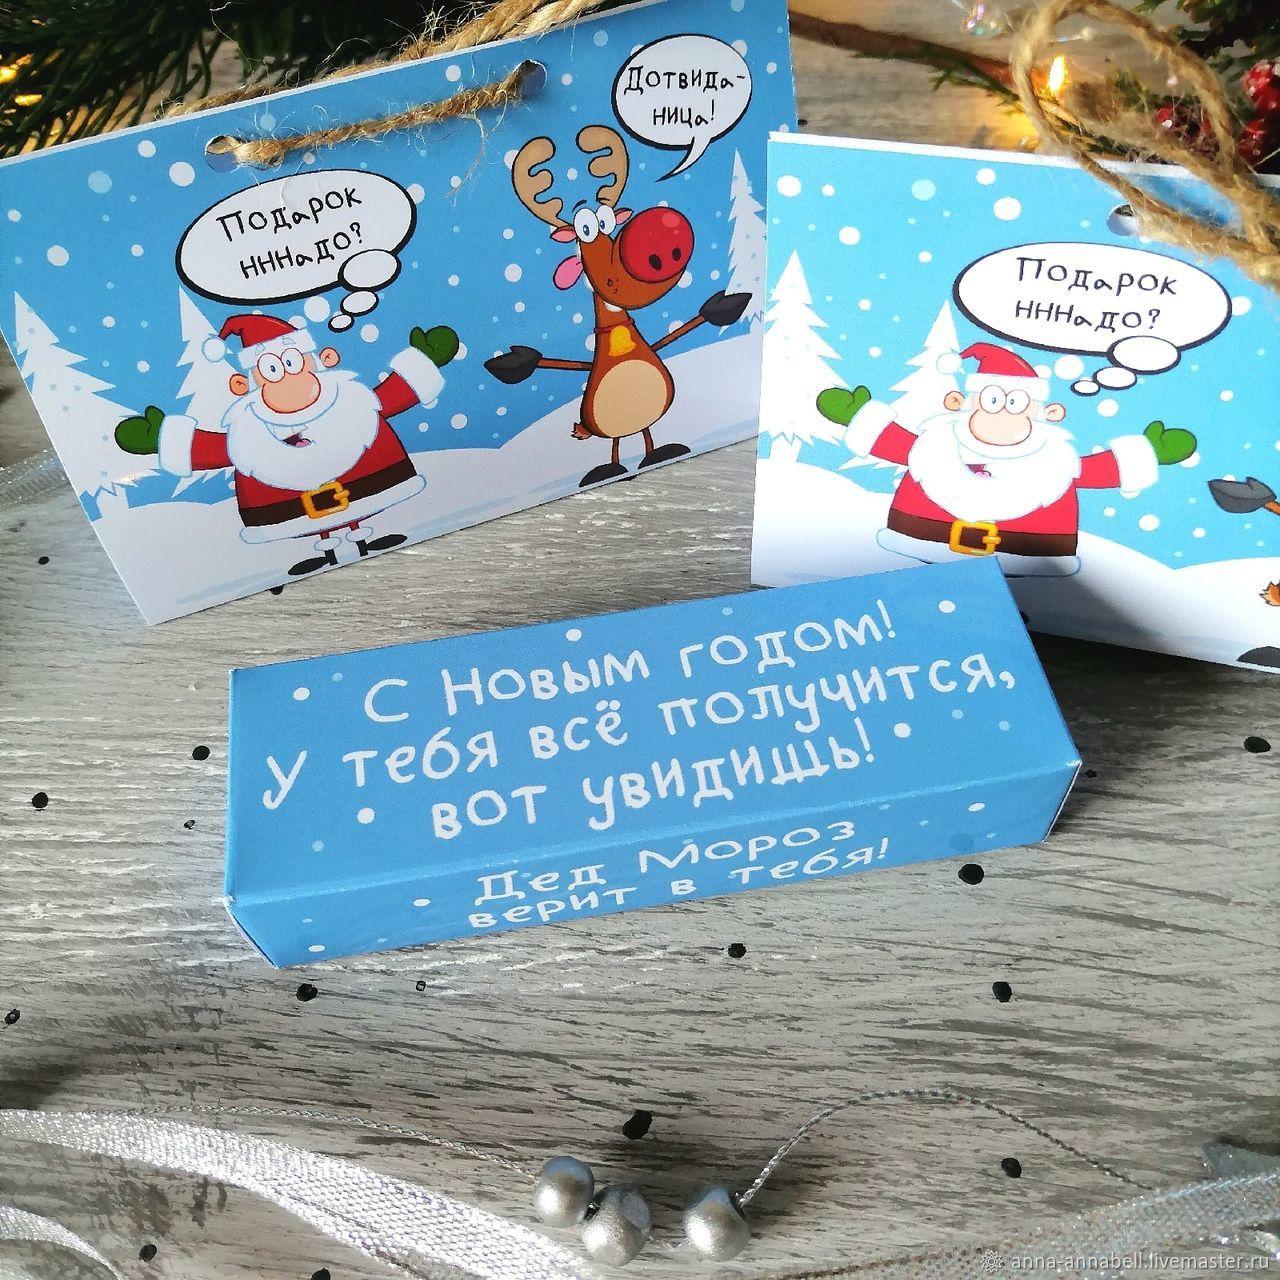 """Набор """"Подарок надо?"""", Сувениры с пожеланиями, Нижний Новгород,  Фото №1"""